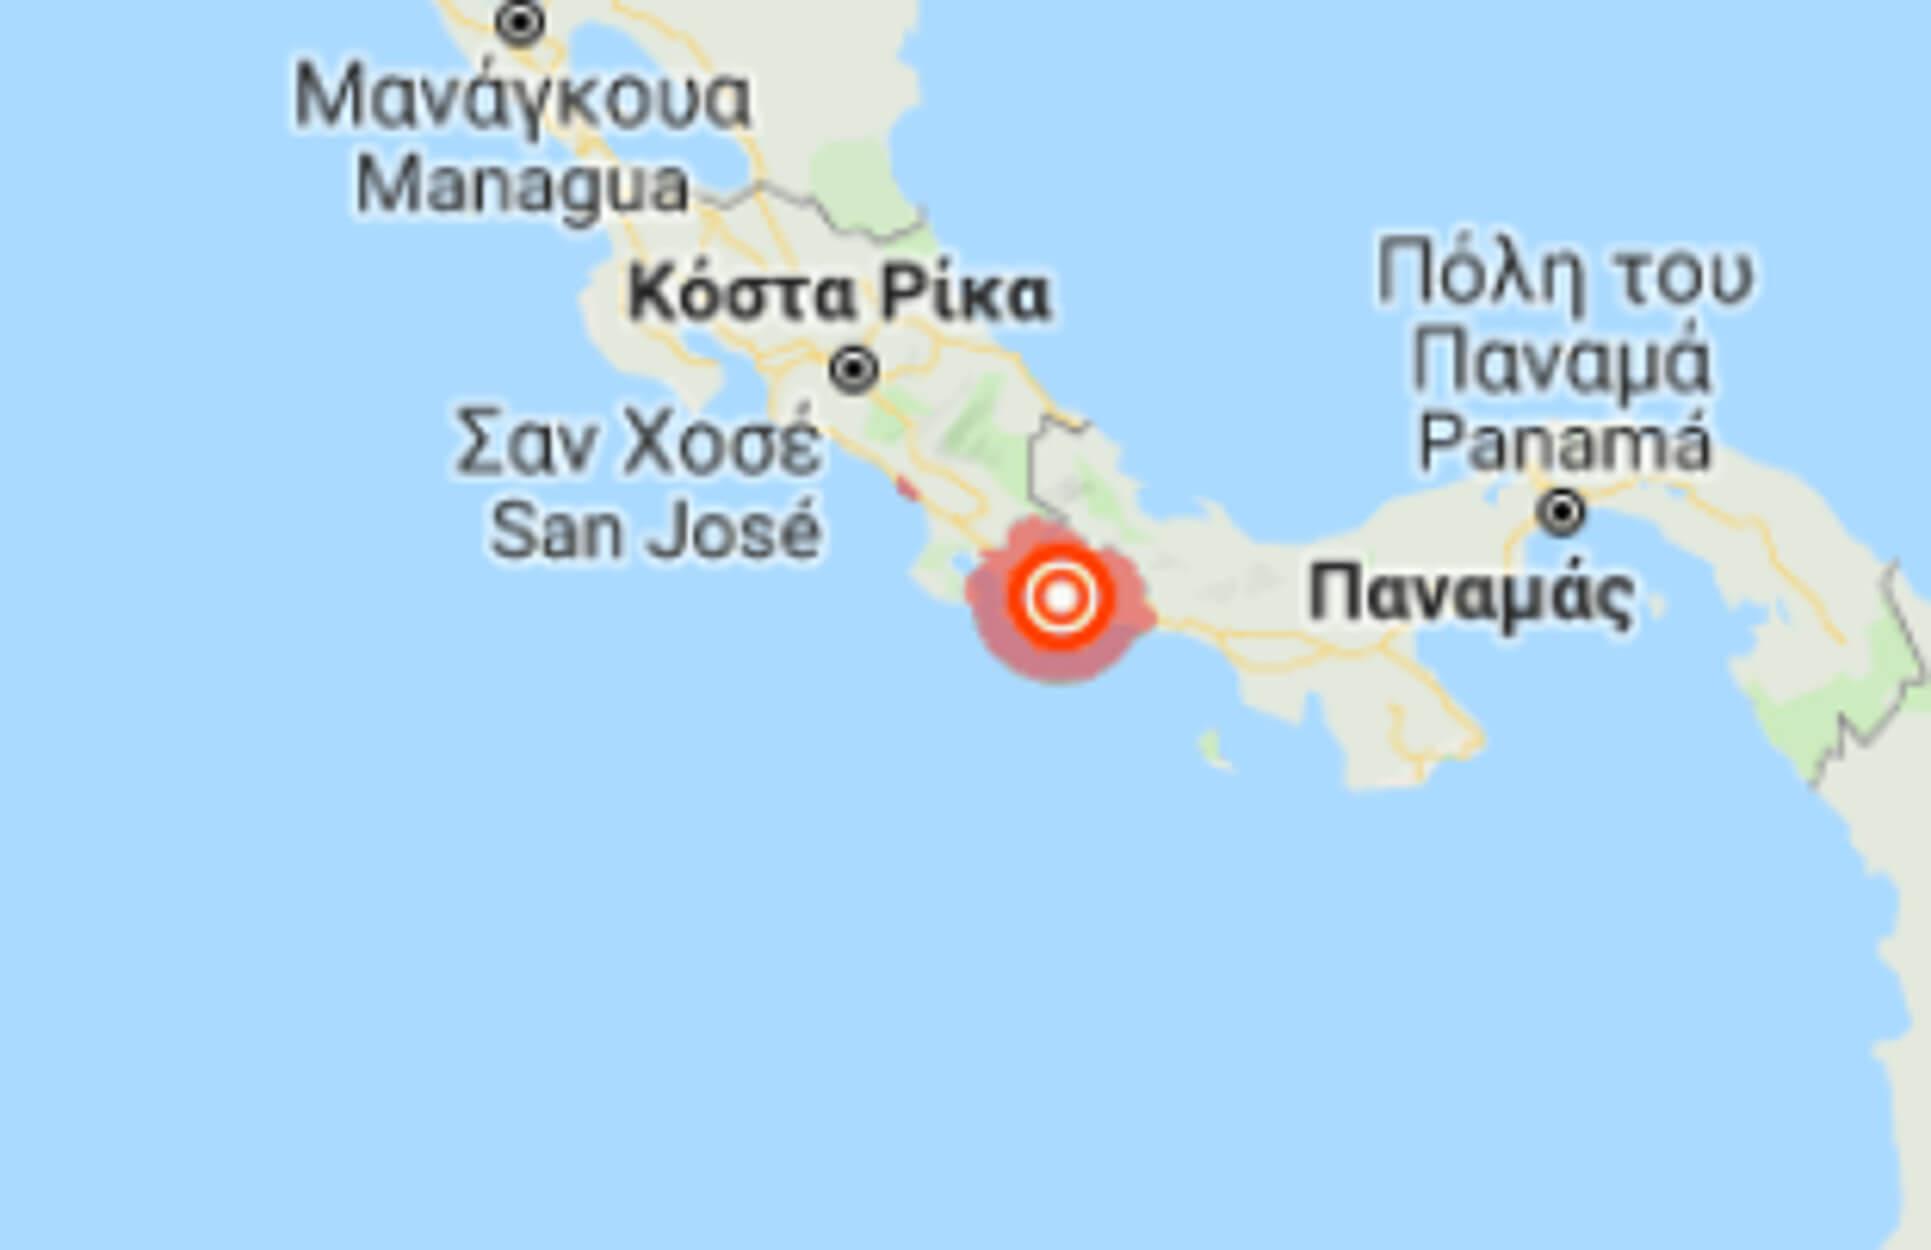 Τρομακτικός σεισμός 6,2 Ρίχτερ στην Κόστα Ρίκα- Φόβοι για πολλά θύματα